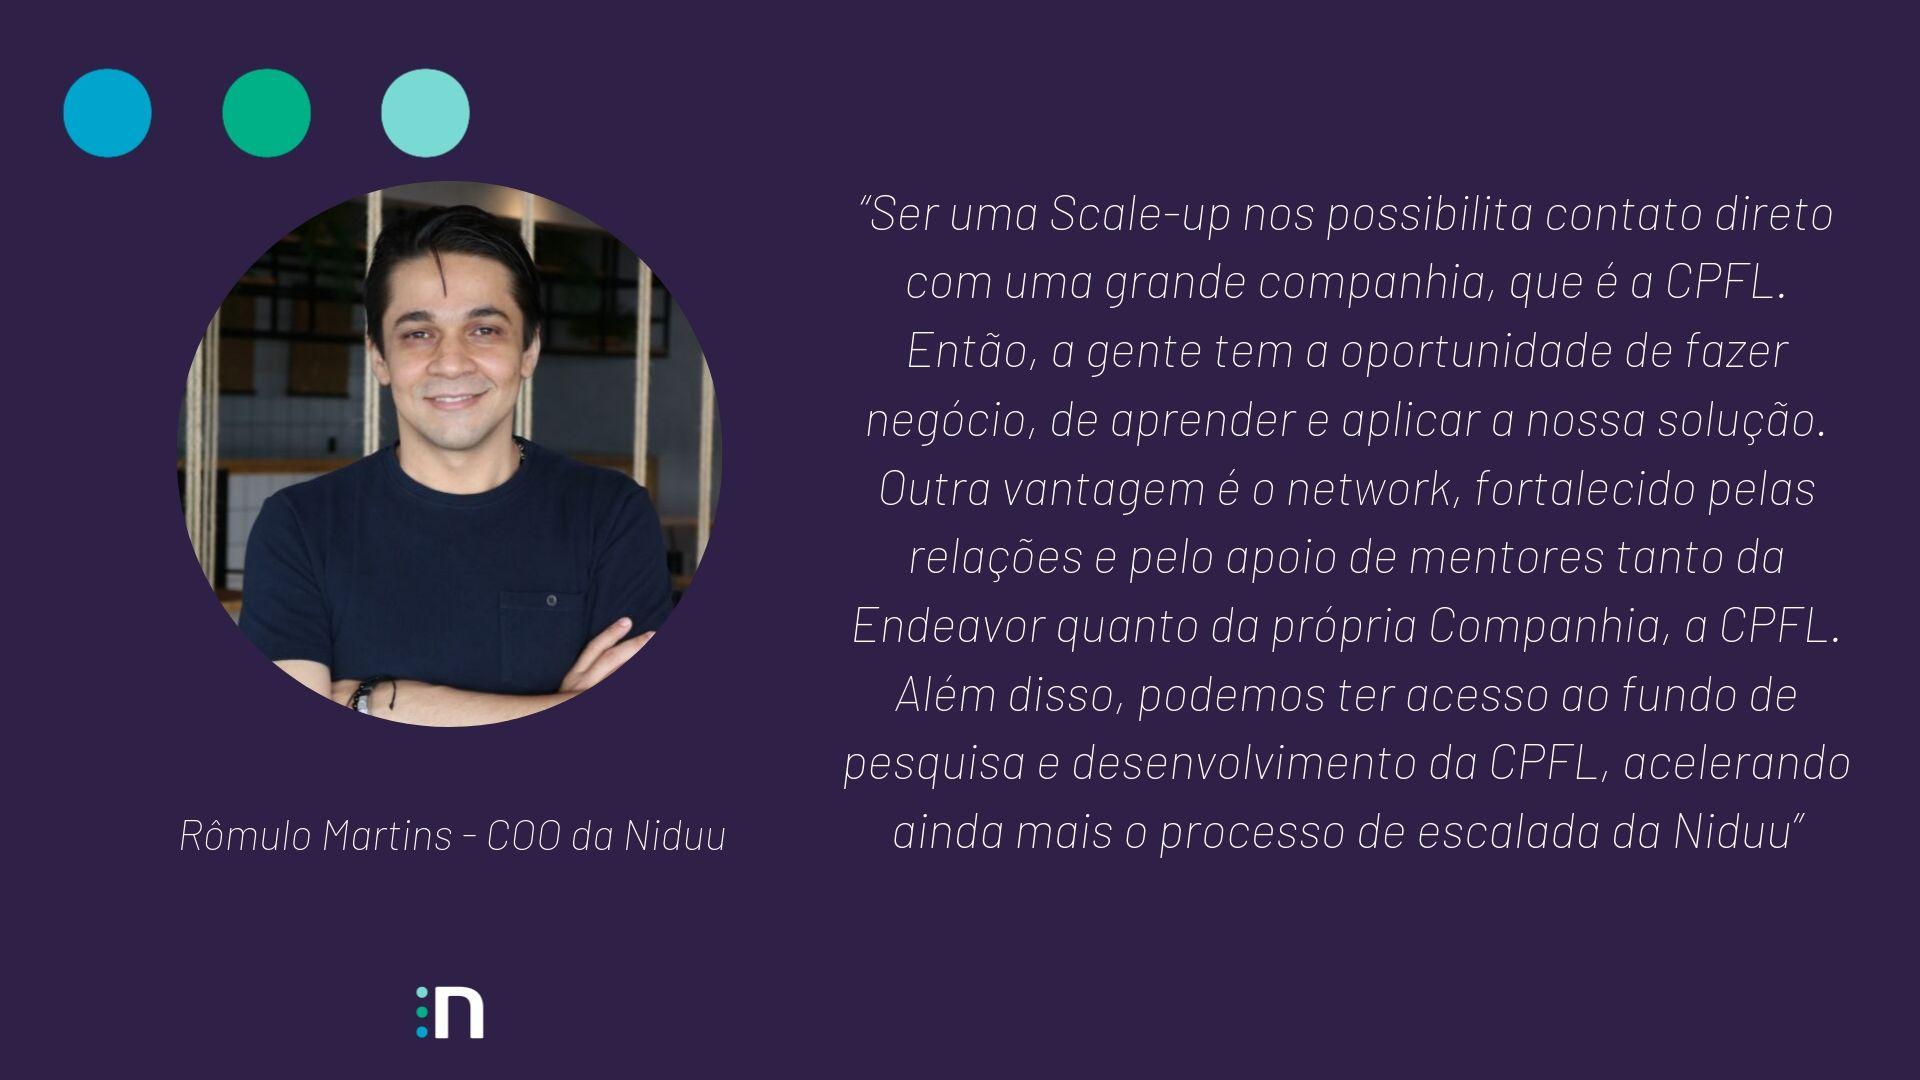 Fala de Rômulo Martins, COO da Niduu sobre o Scale-Up Endeavor 2019